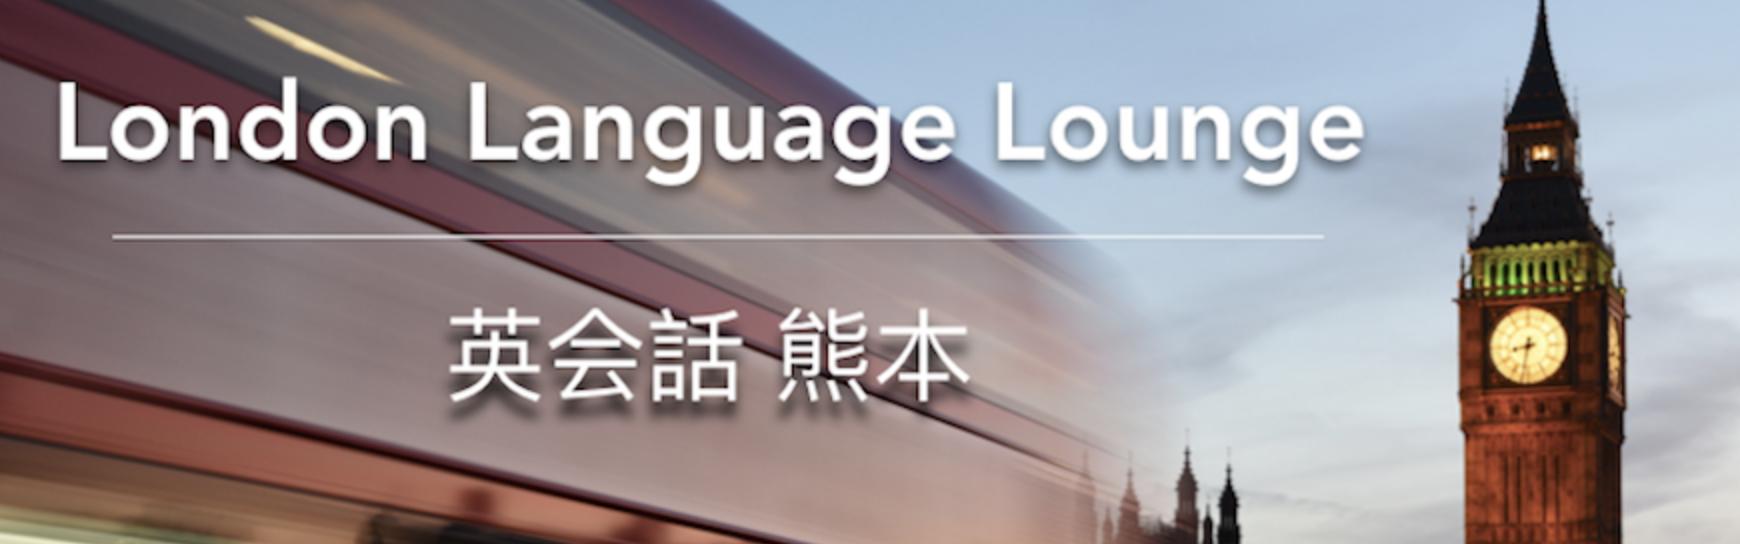 【目的別】熊本のおすすめ英会話スクール11選 初心者むけからビジネス英語まで